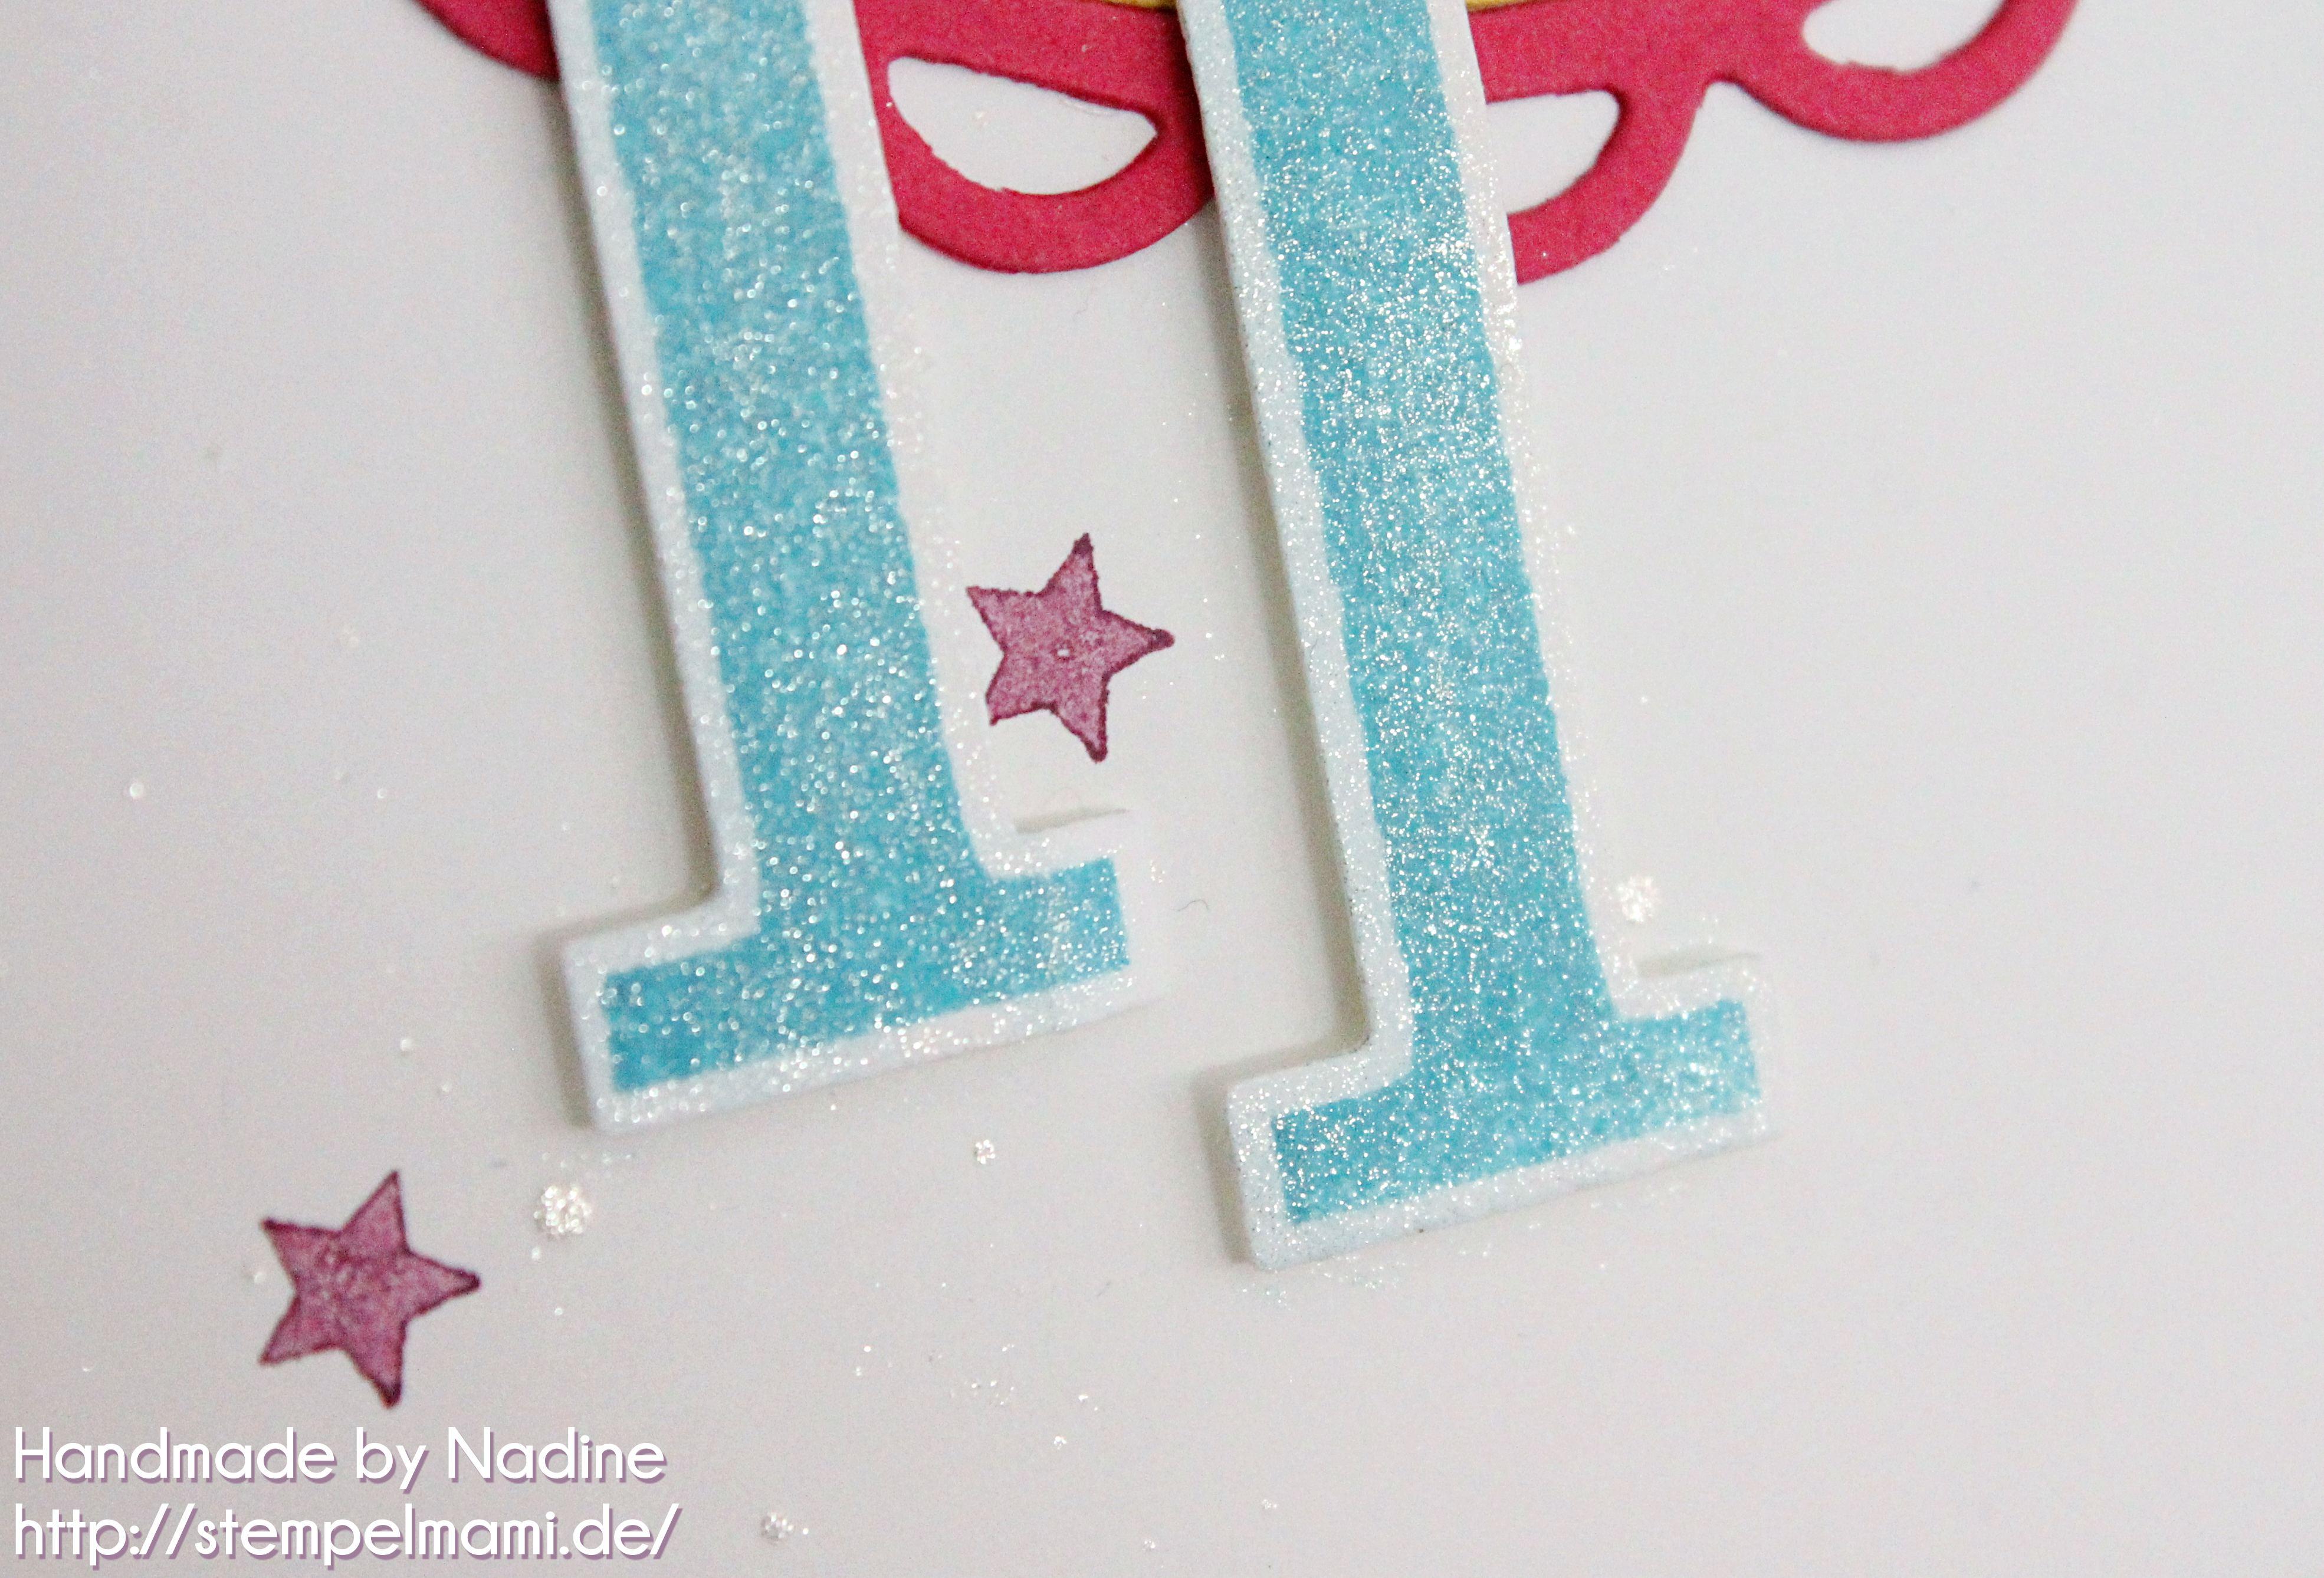 stampin up geburtstagskarte karte stempelmami birthday card 3